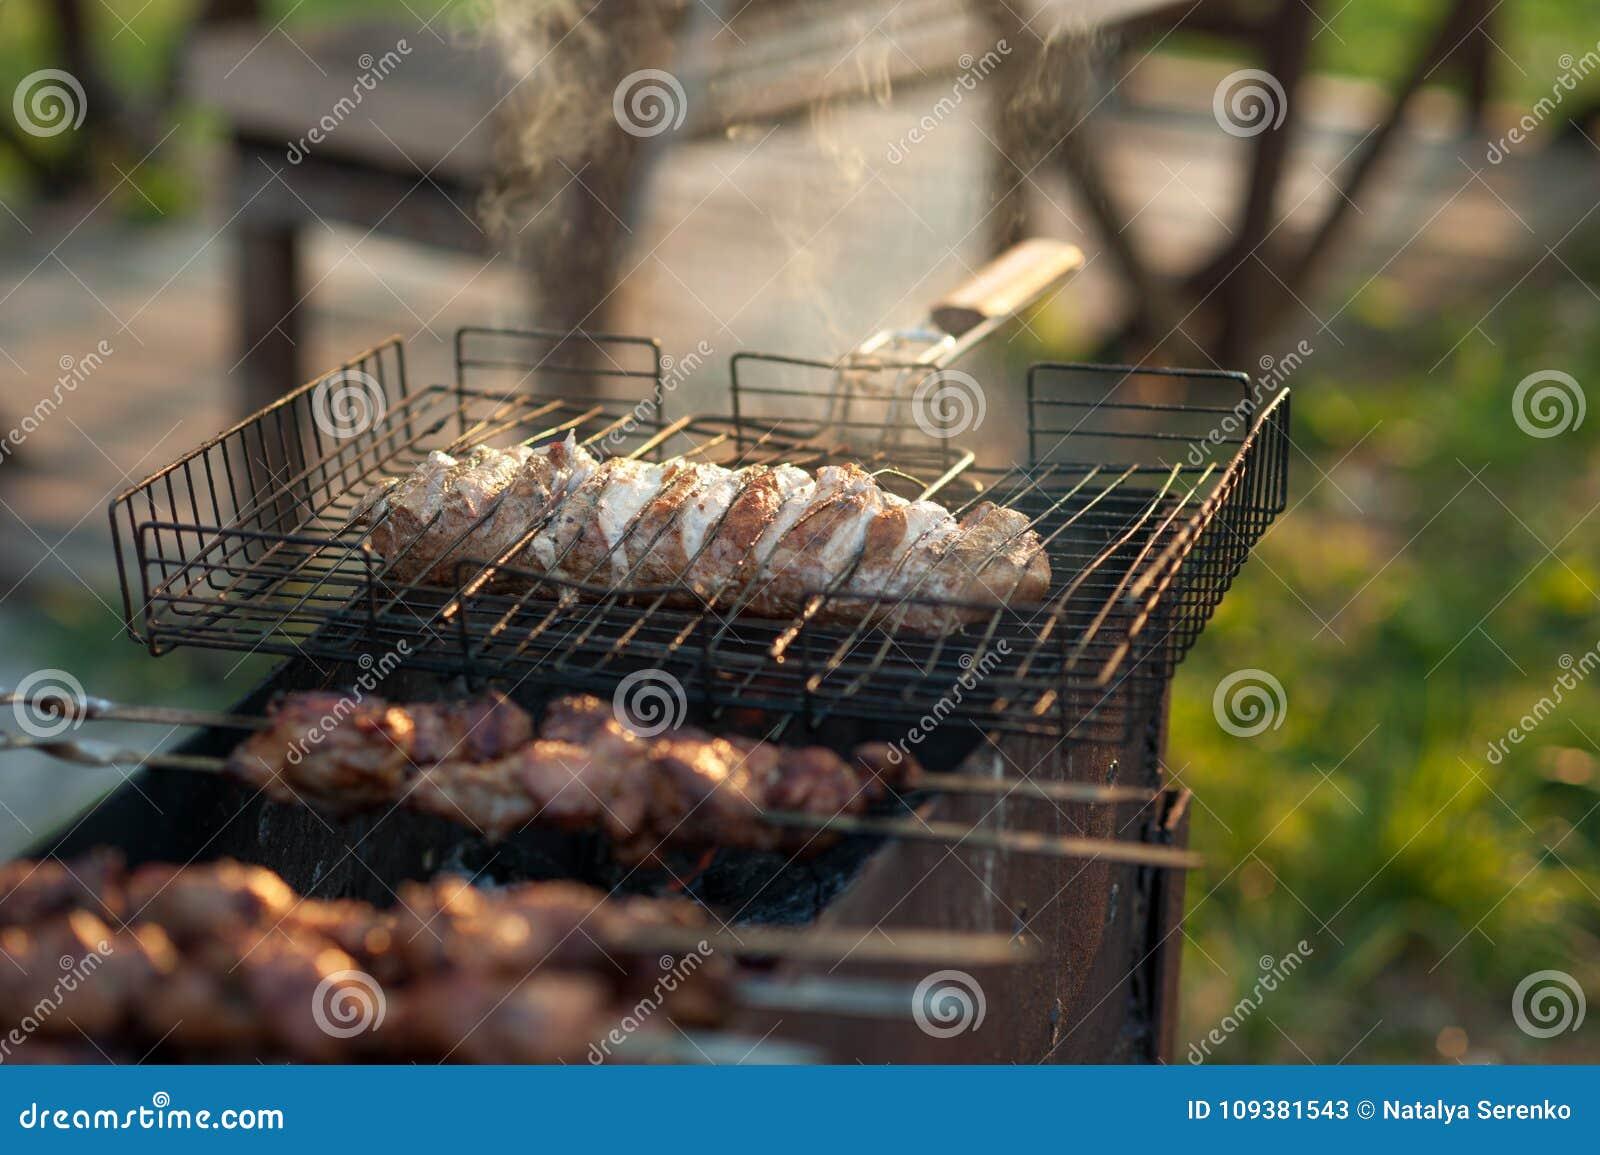 Shish kebab στη σχάρα Μαριναρισμένο shashlik να προετοιμαστεί σε μια σχάρα σχαρών πέρα από τον ξυλάνθρακα